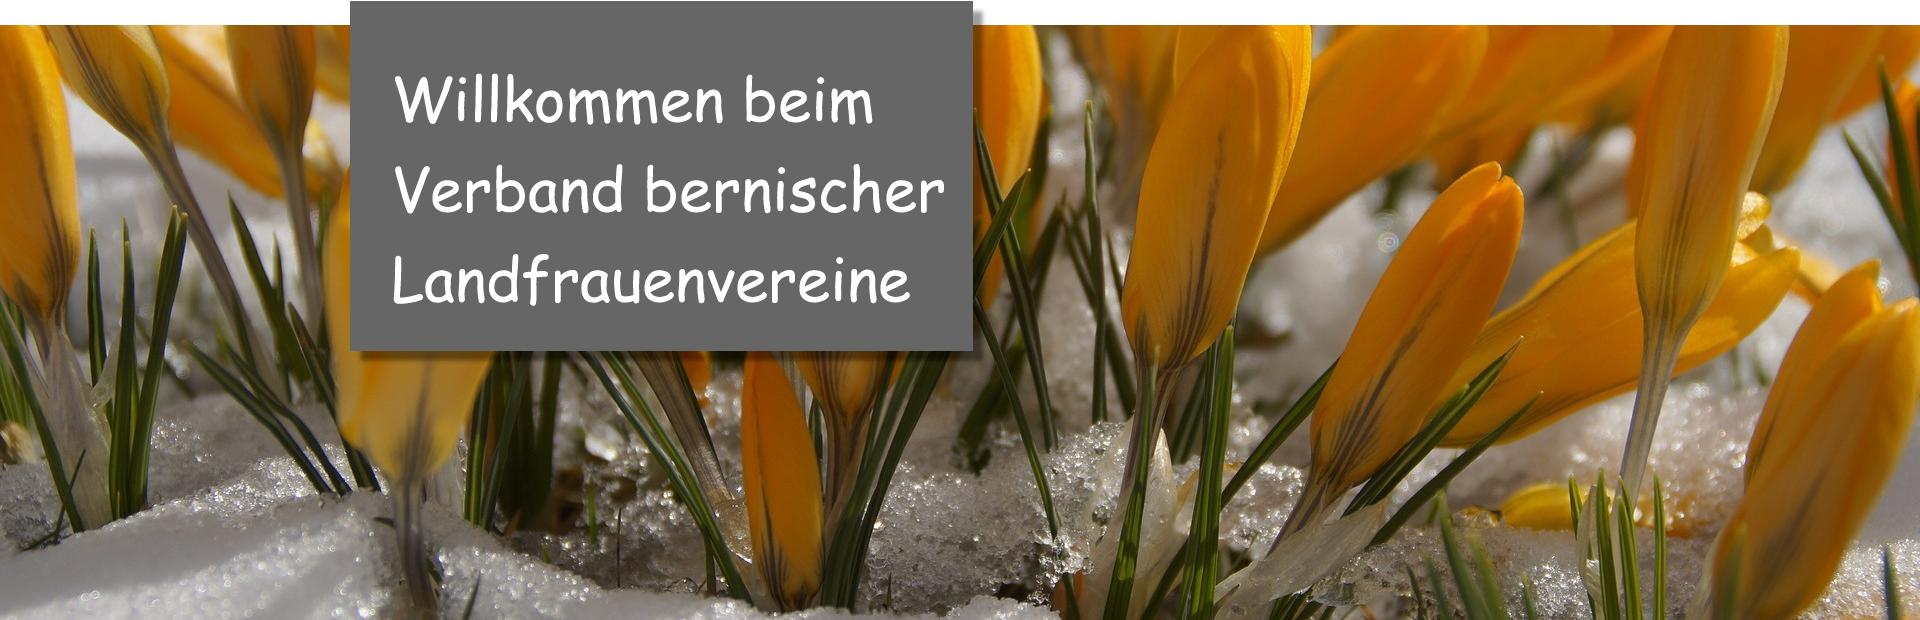 Krokusse-im-Schnee